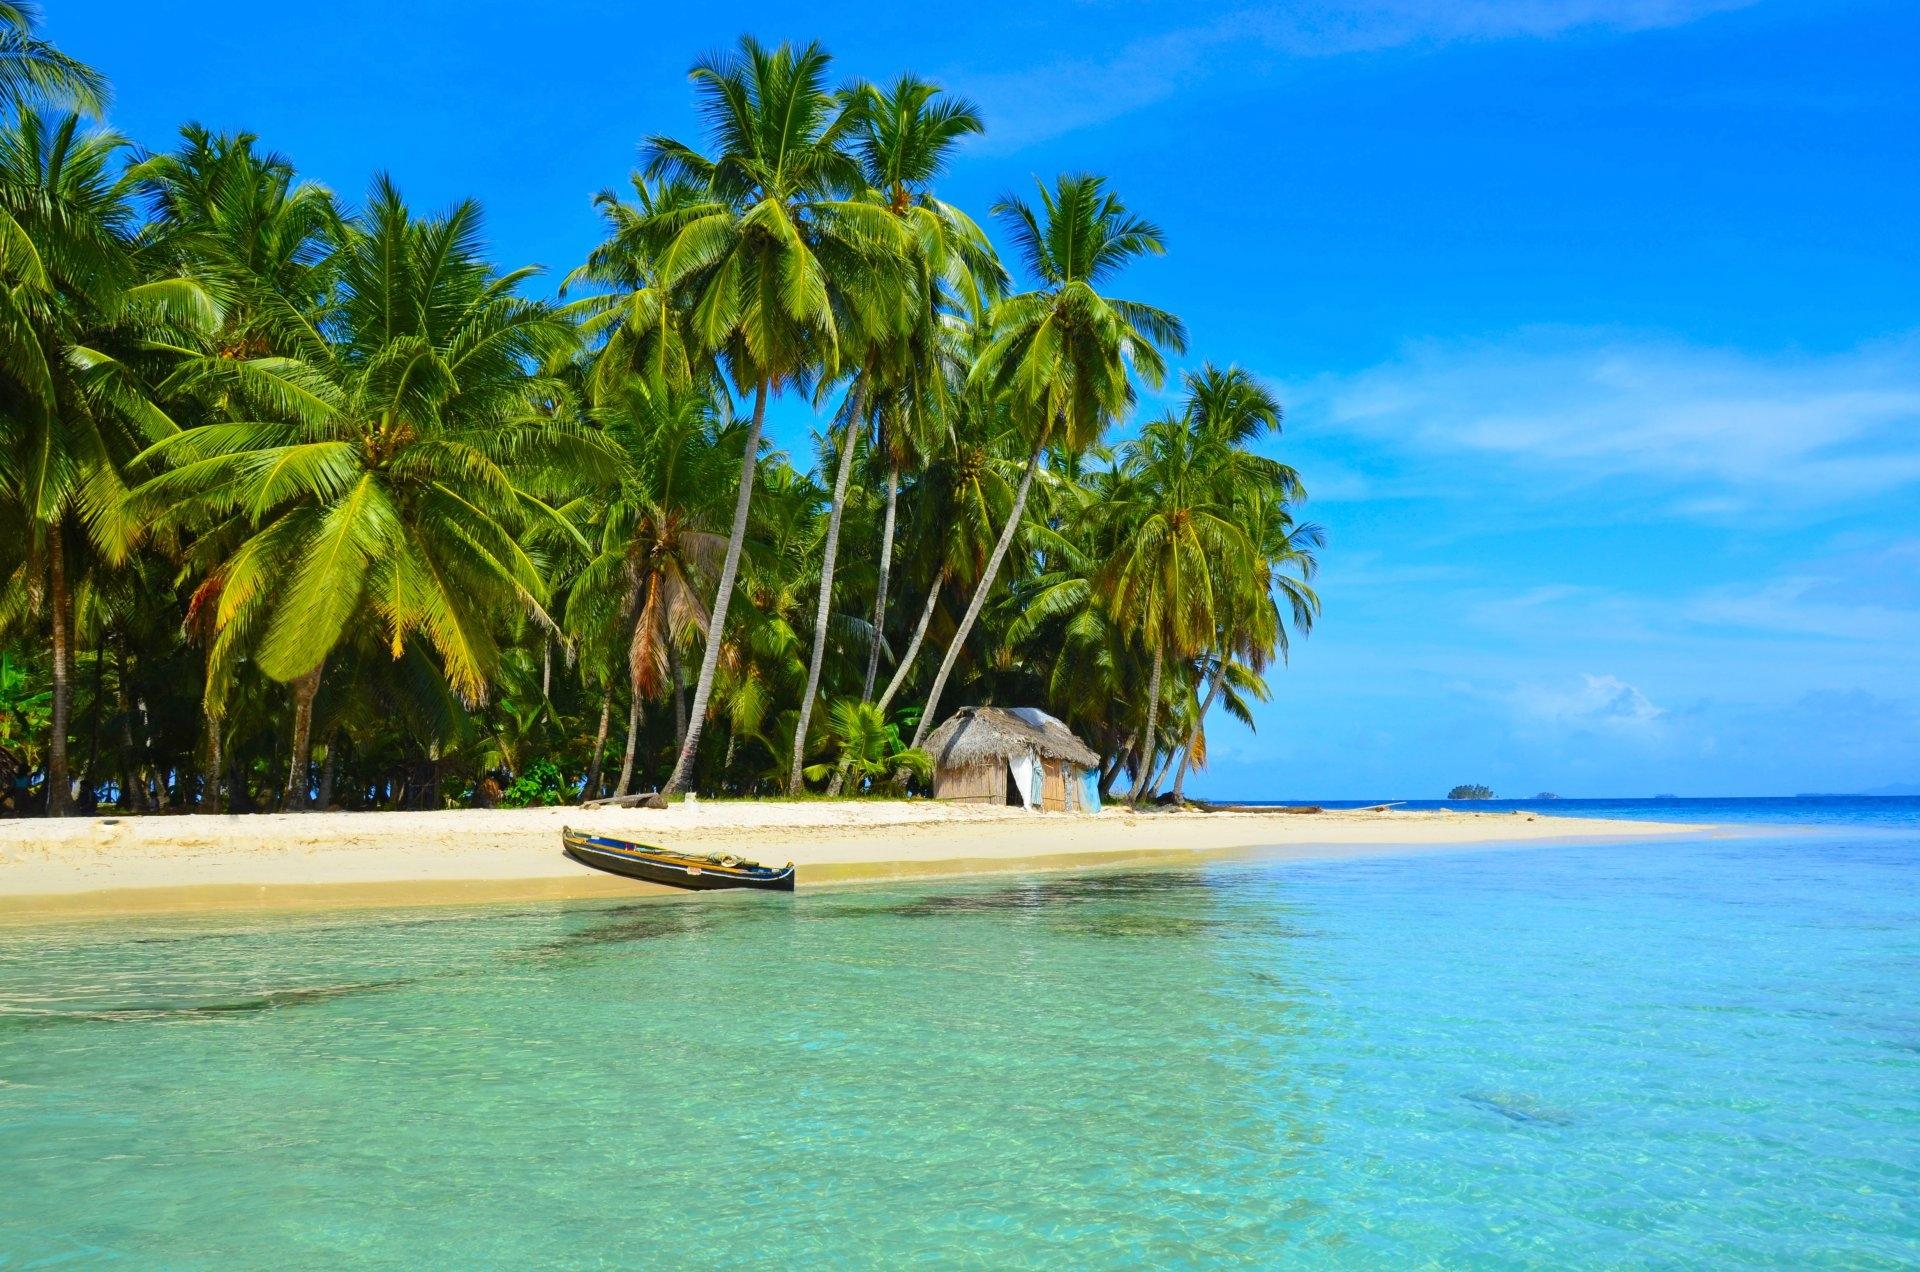 море пальмы кофе